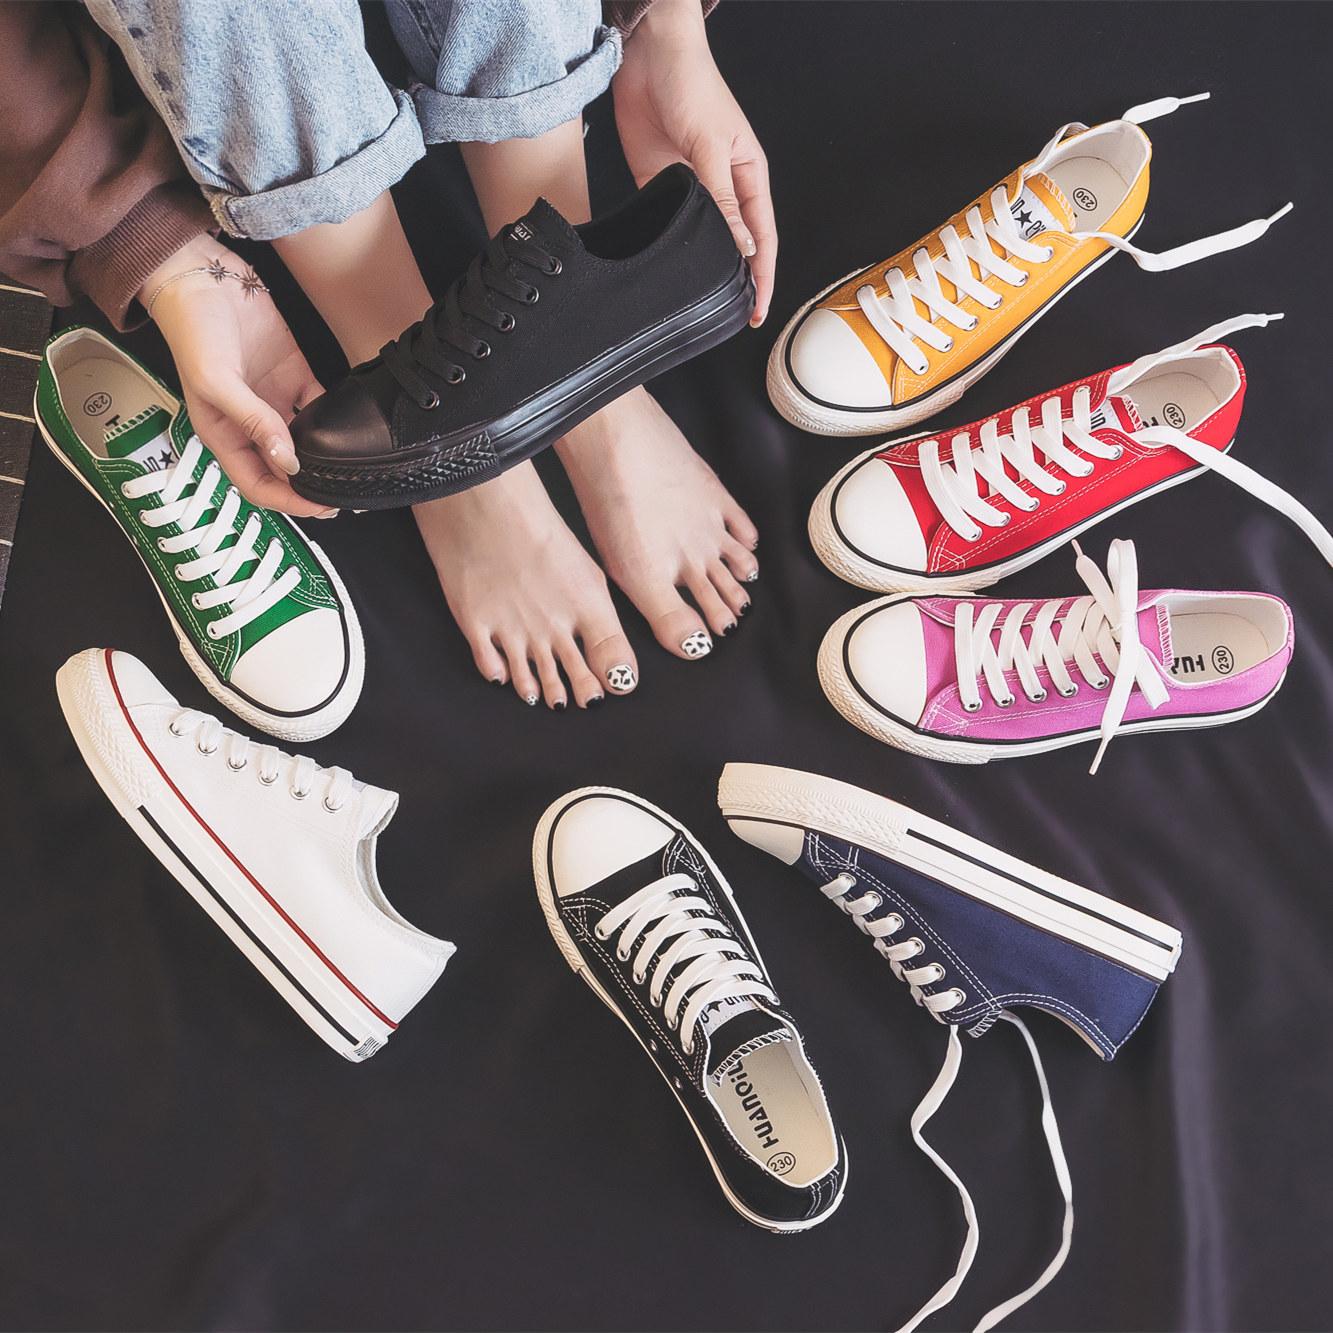 环球帆布鞋女春秋低帮高帮圆头休闲鞋黑色薄款透气小白球鞋潮板鞋